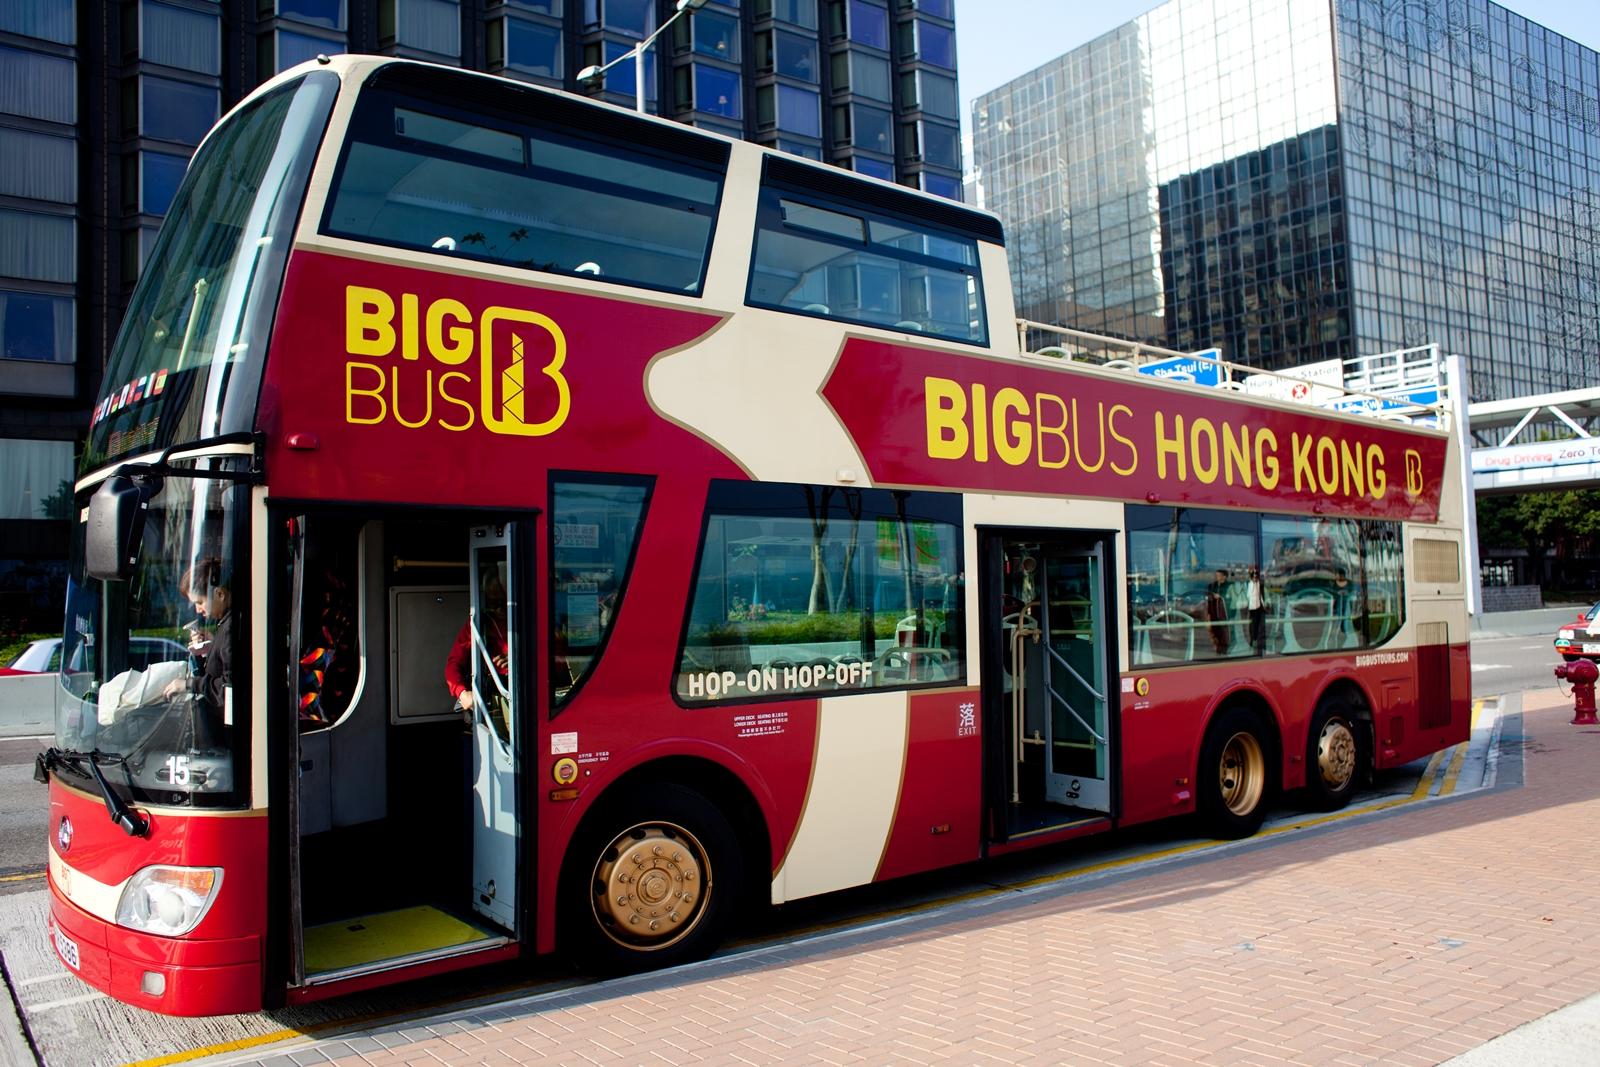 90일차 홍콩 빅버스 투어